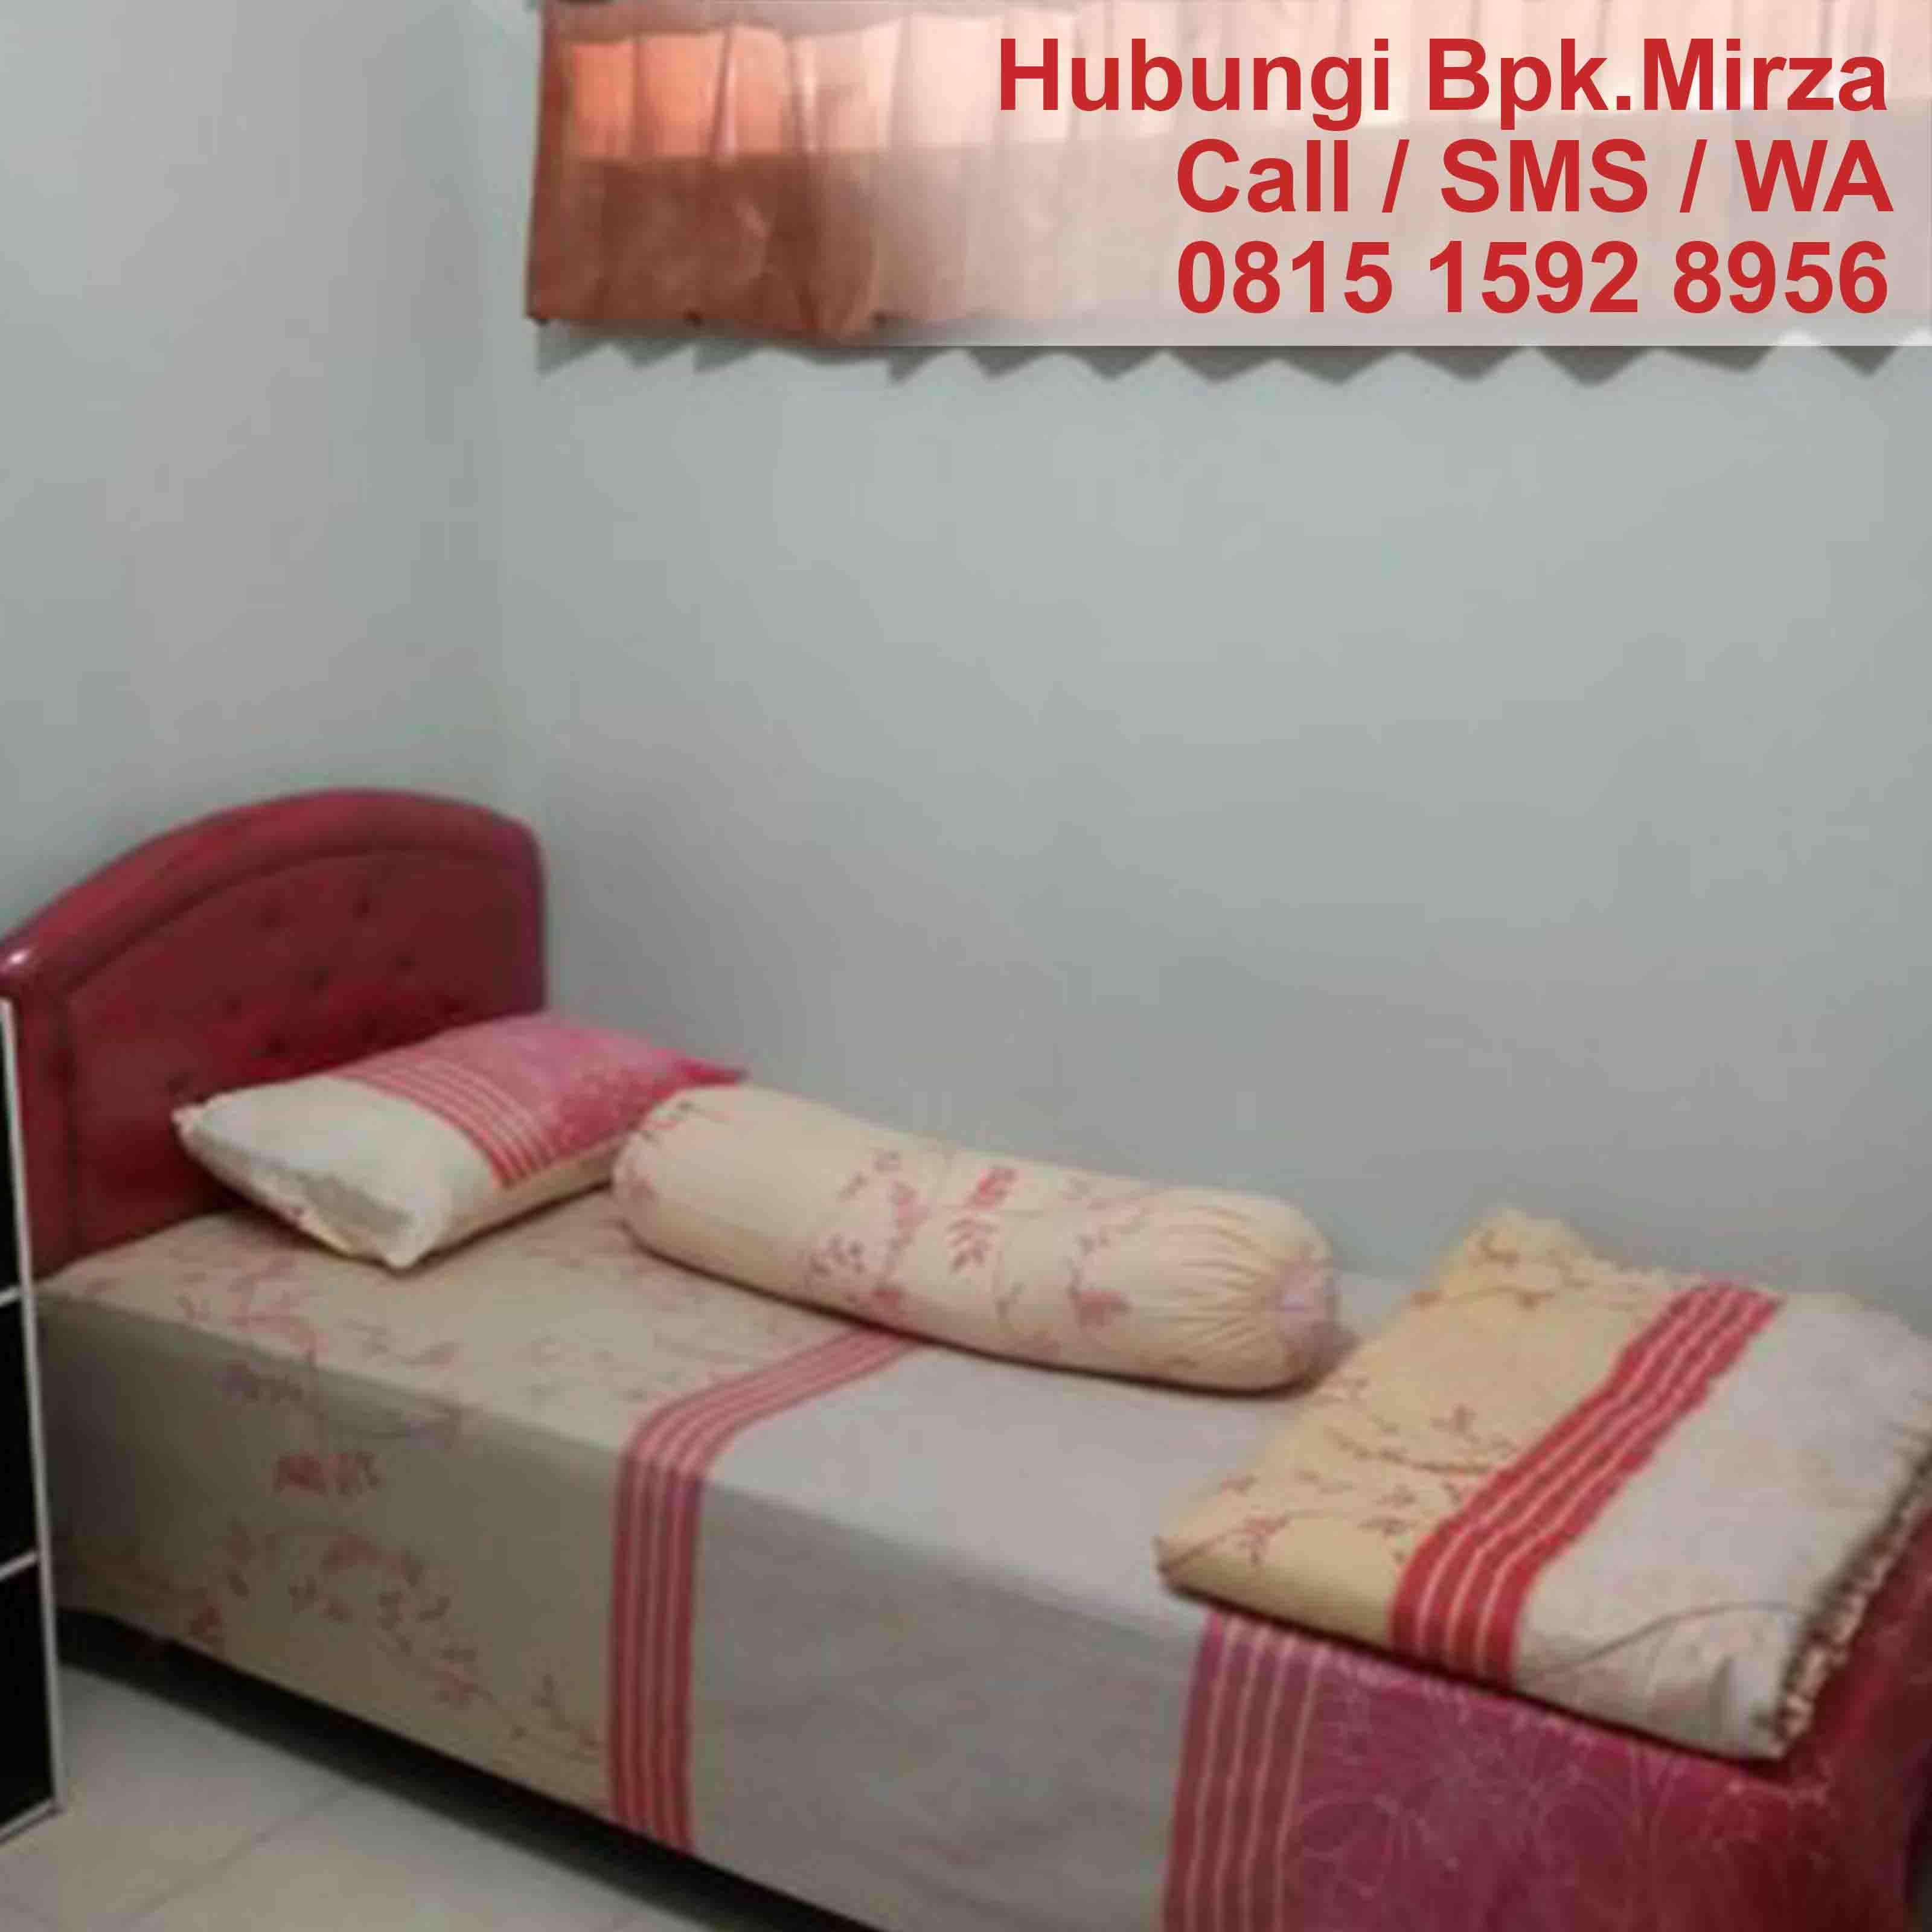 Kost Putri AC Surabaya_HUB_081515928956s